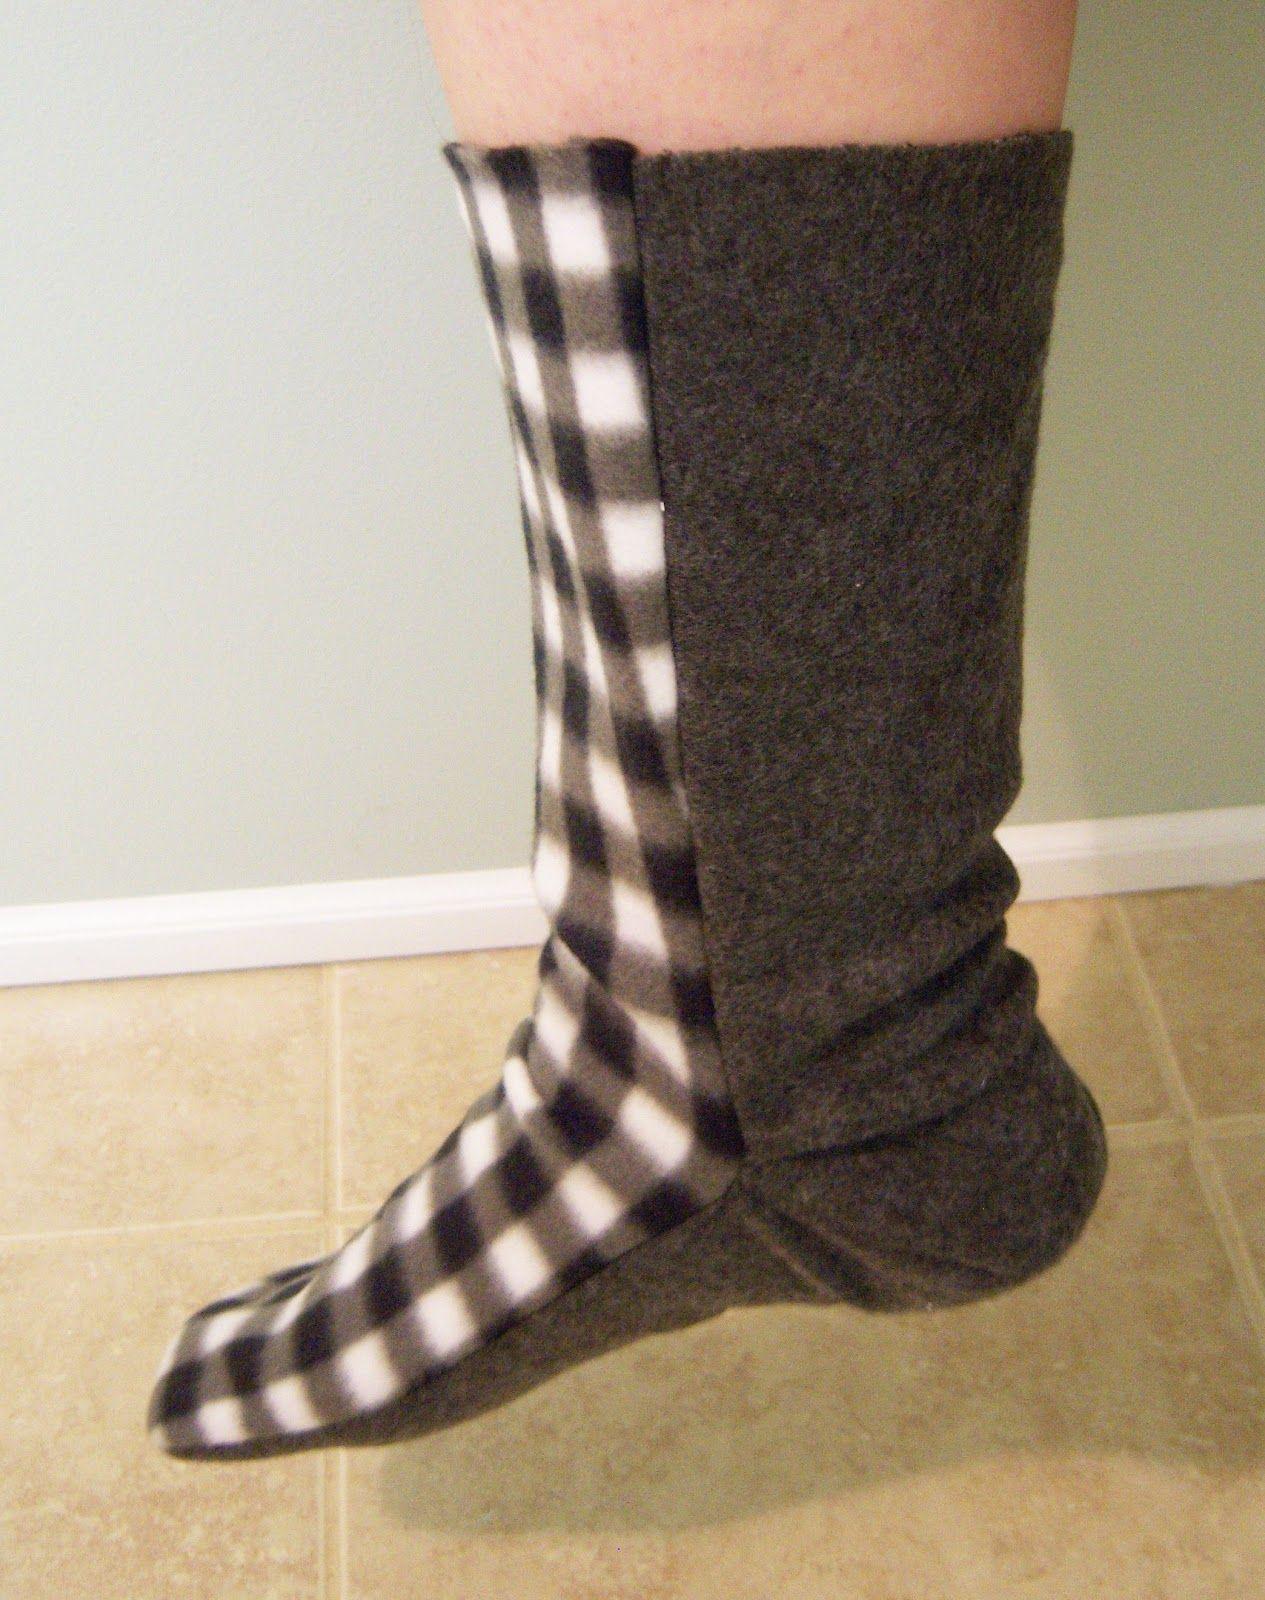 Free Fleece Sock Sewing Pattern | Fleece Sock Tutorial | Sewing - Free Printable Fleece Sock Pattern